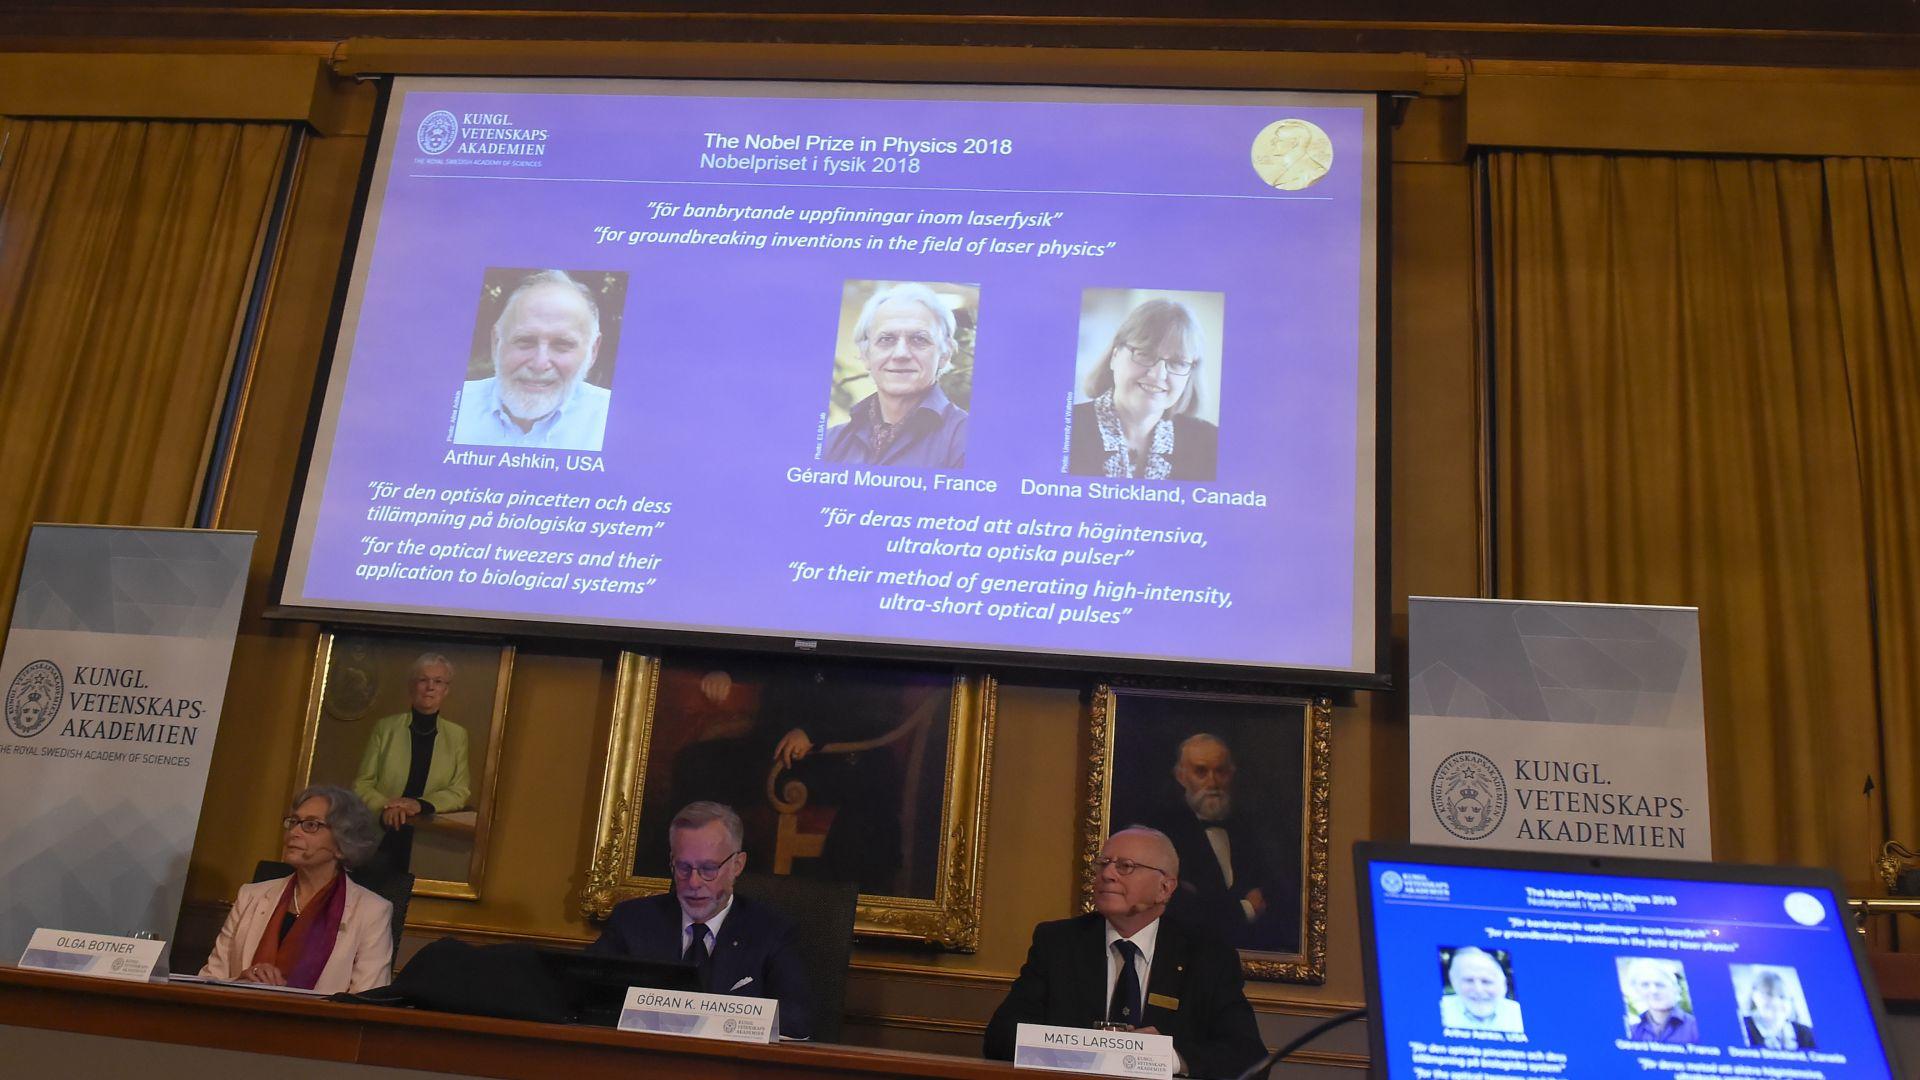 Трима с Нобелова награда за физика, за първи път от 55 г. жена получава такъв приз